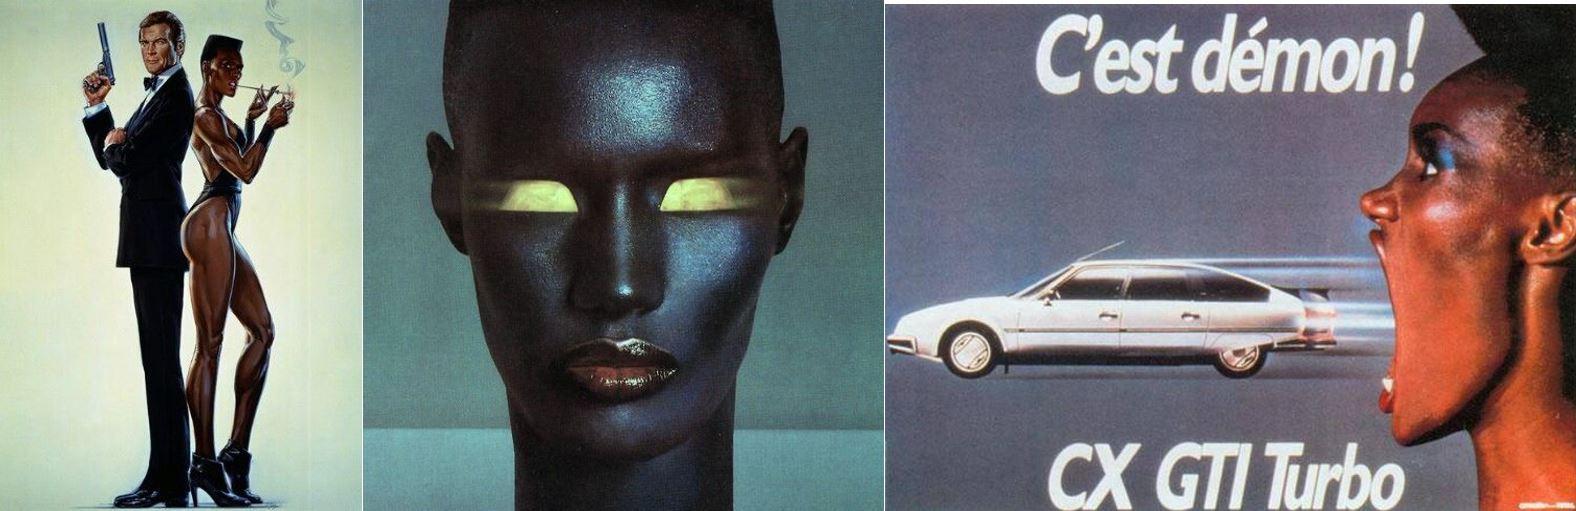 Alcuni momenti dirompenti della costruzione dell'immagine di Grace Jones, musa estetica degli anni 80.